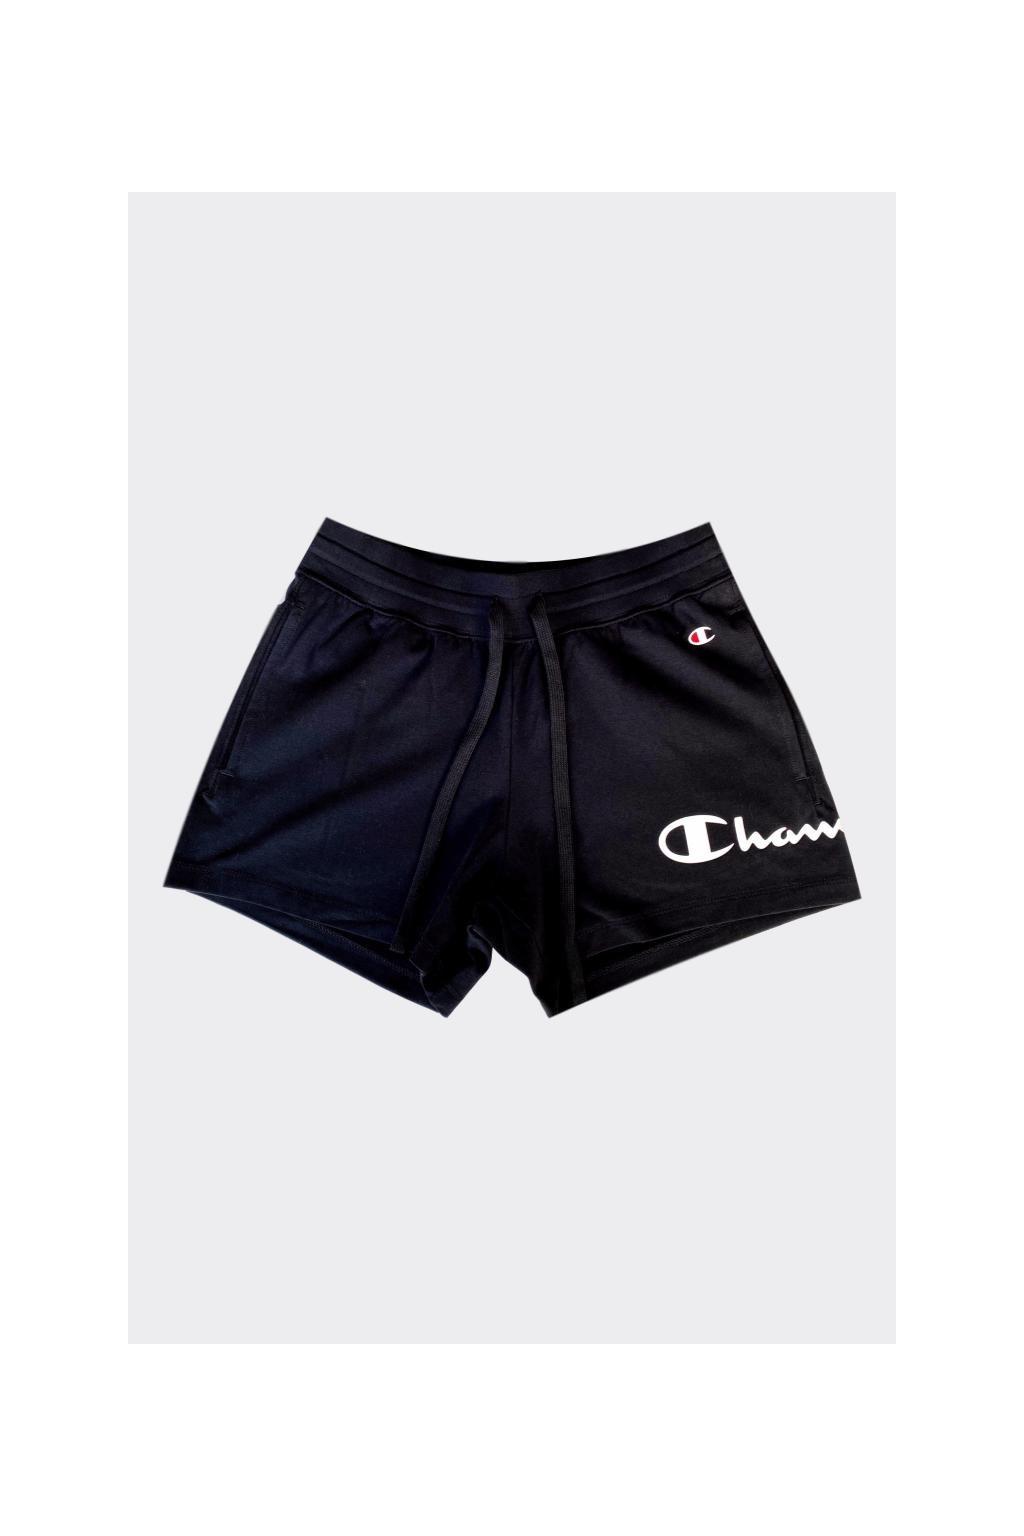 Champion šortky s logem dámské - černé